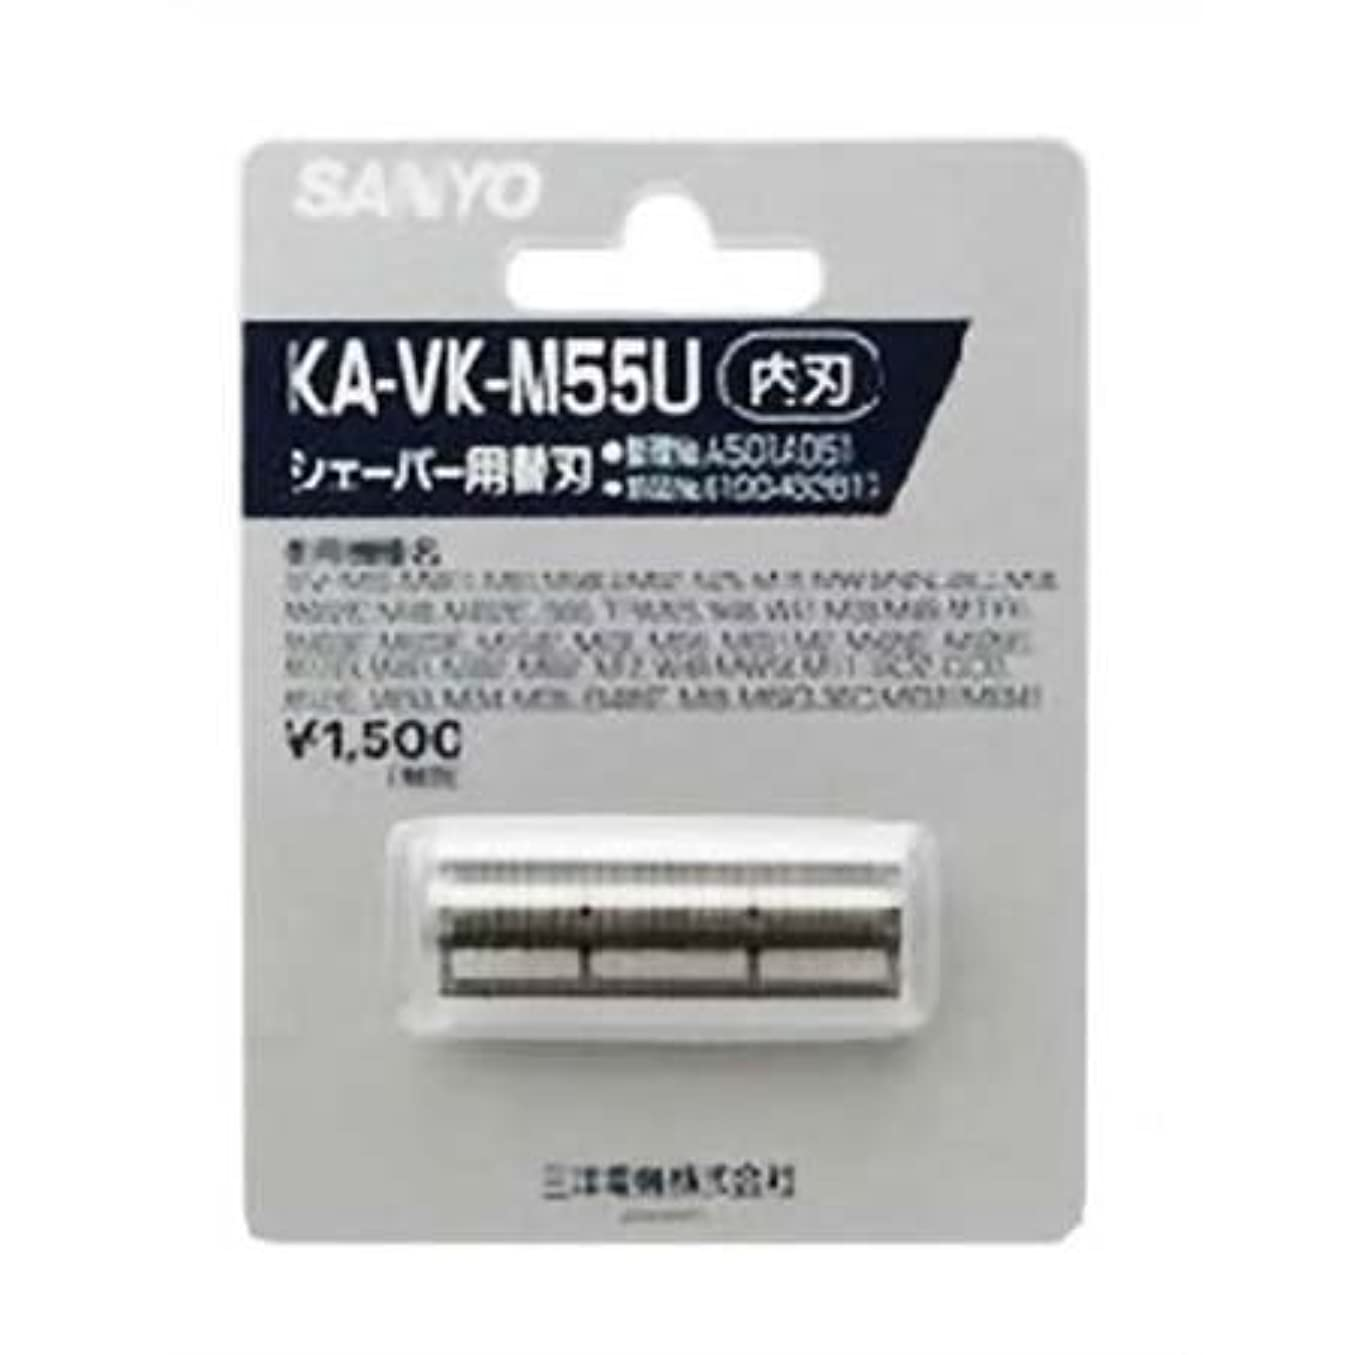 筋豚お風呂SANYO シェーバー用替刃 内刃 KA-VK-M55U